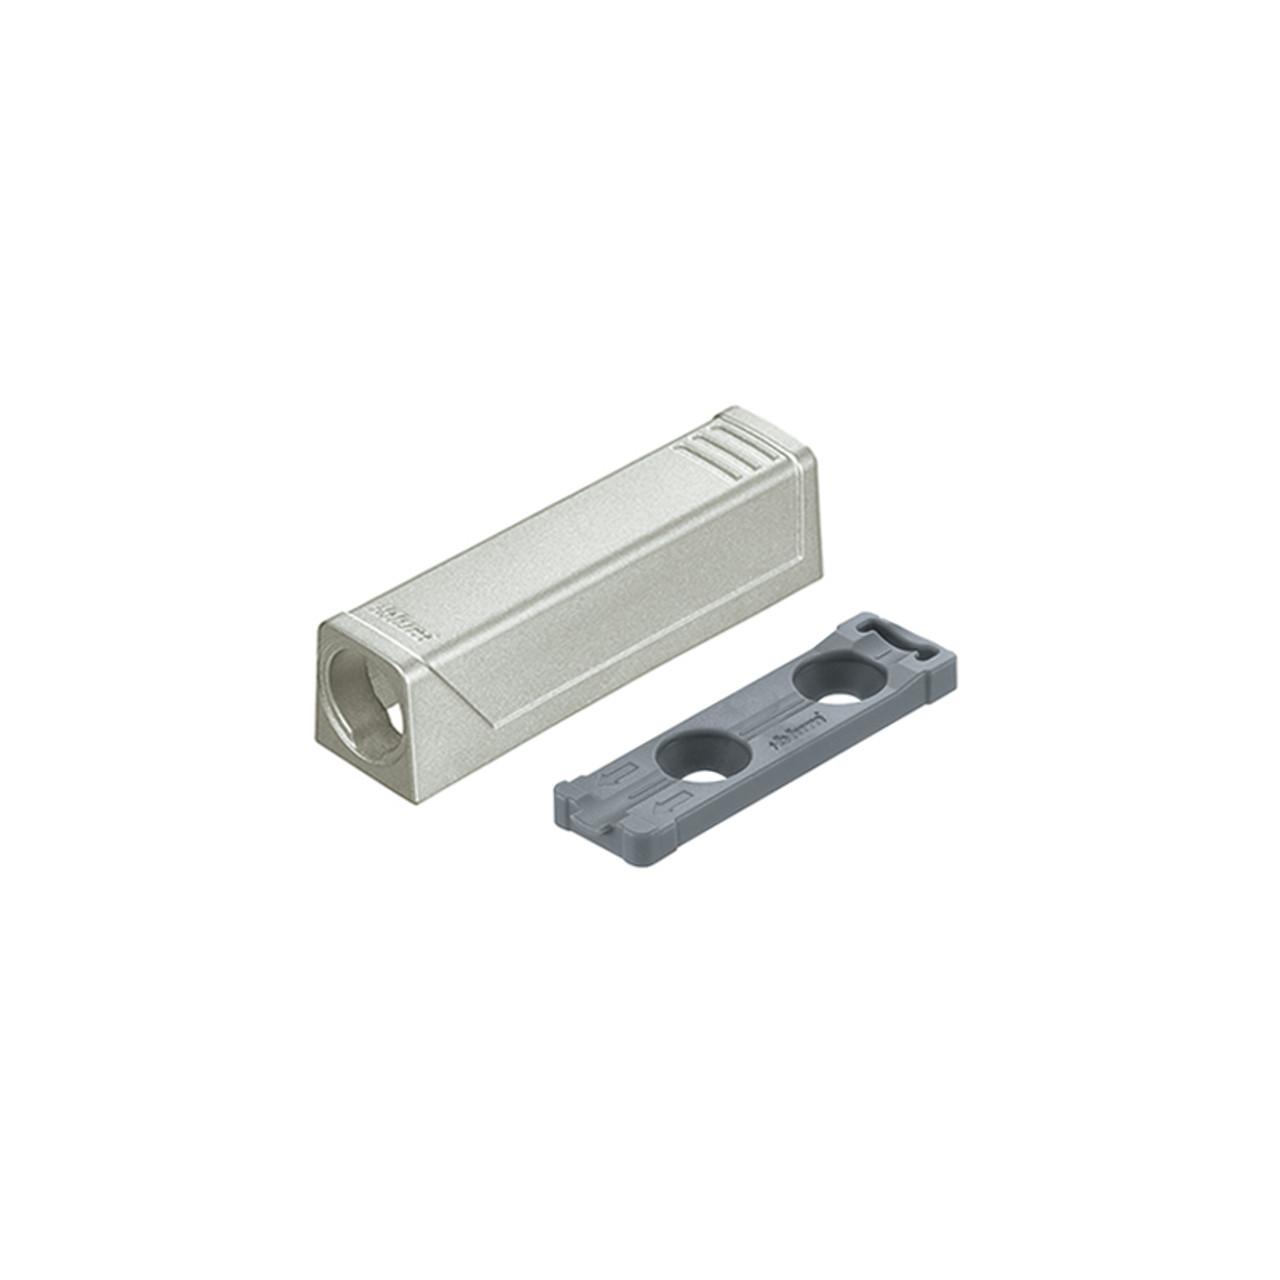 TIP-ON for Doors Short Inline Adapter Plate - Nickel